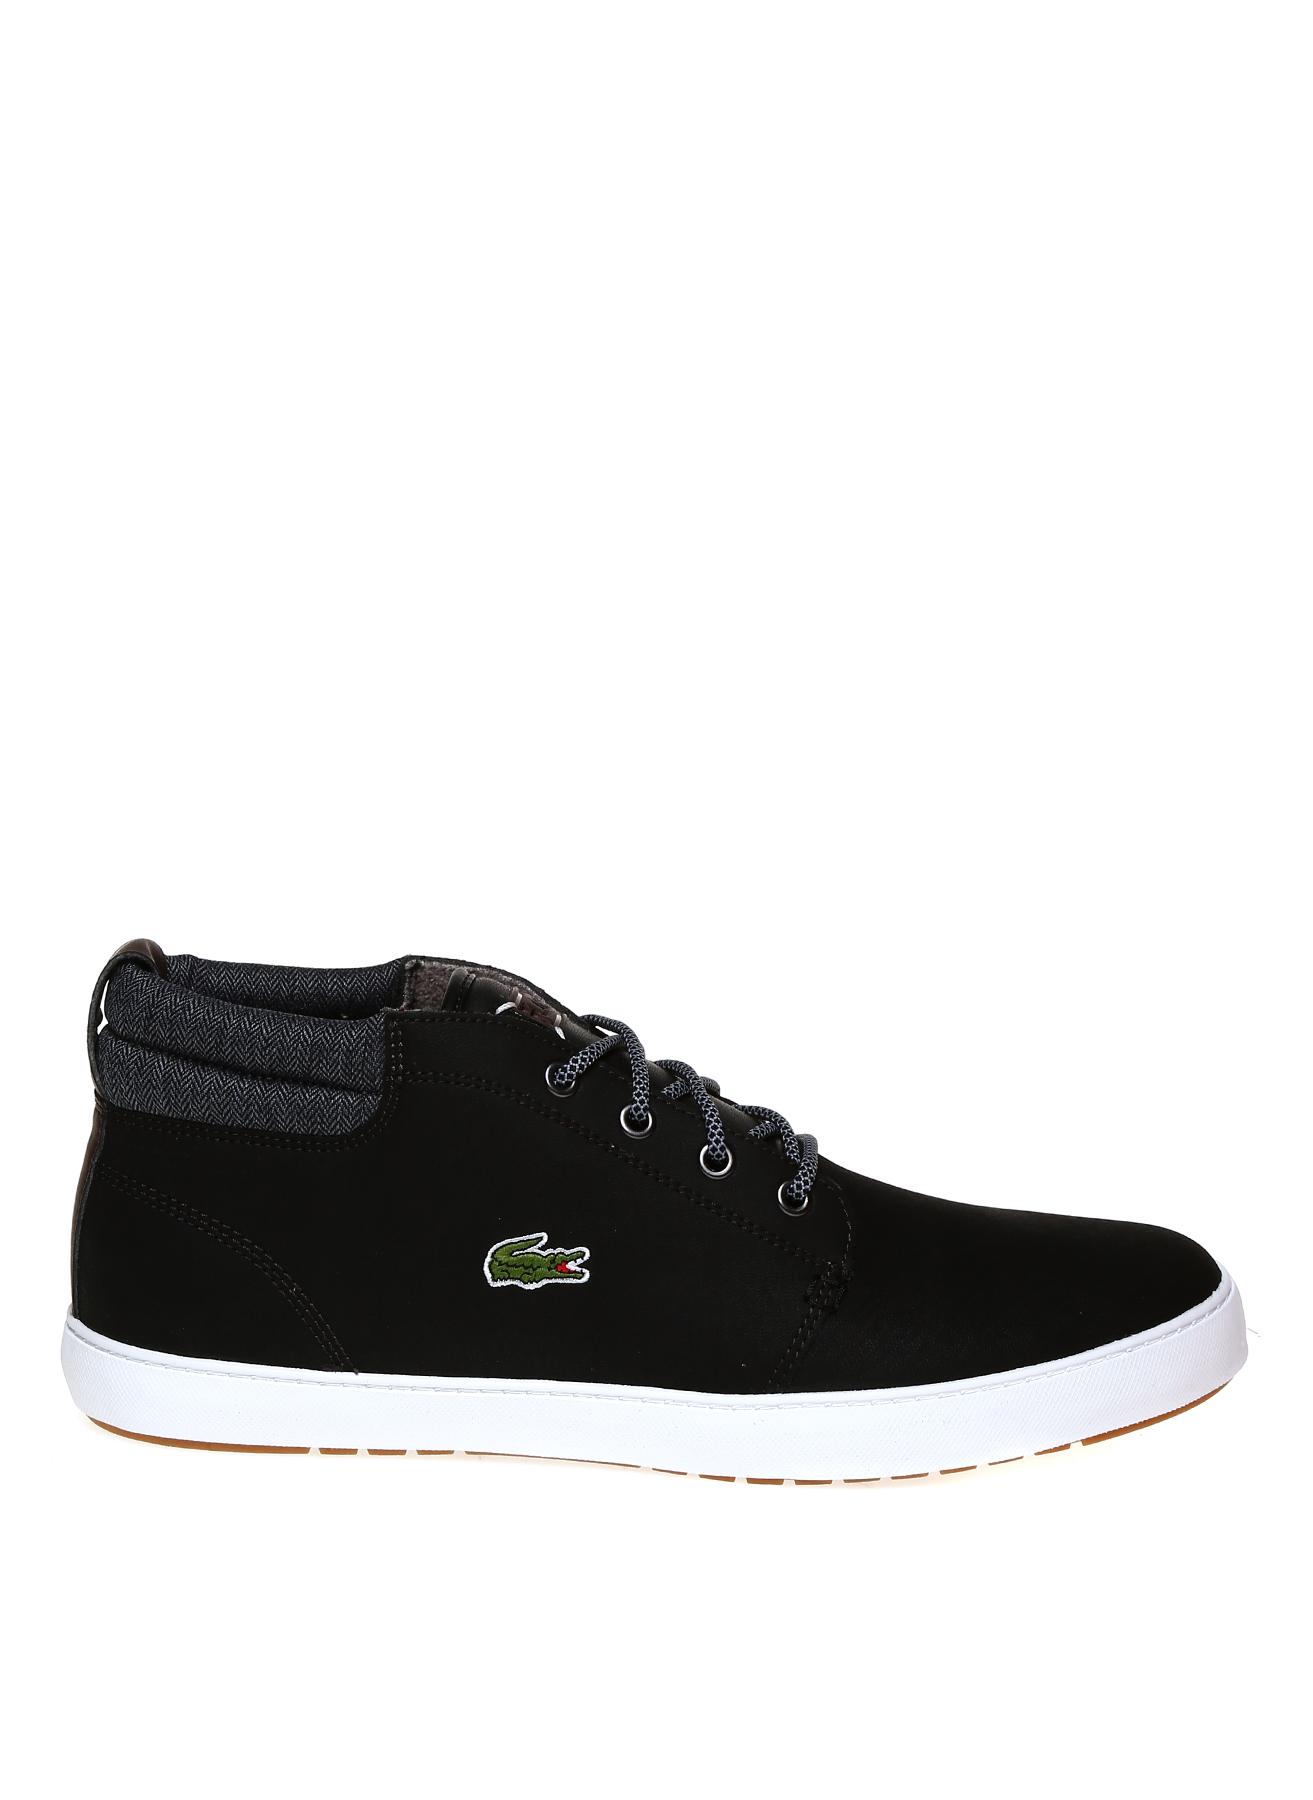 Lacoste Ampthil Terra Lacivert Lifestyle Ayakkabı 40 5002314219002 Ürün Resmi